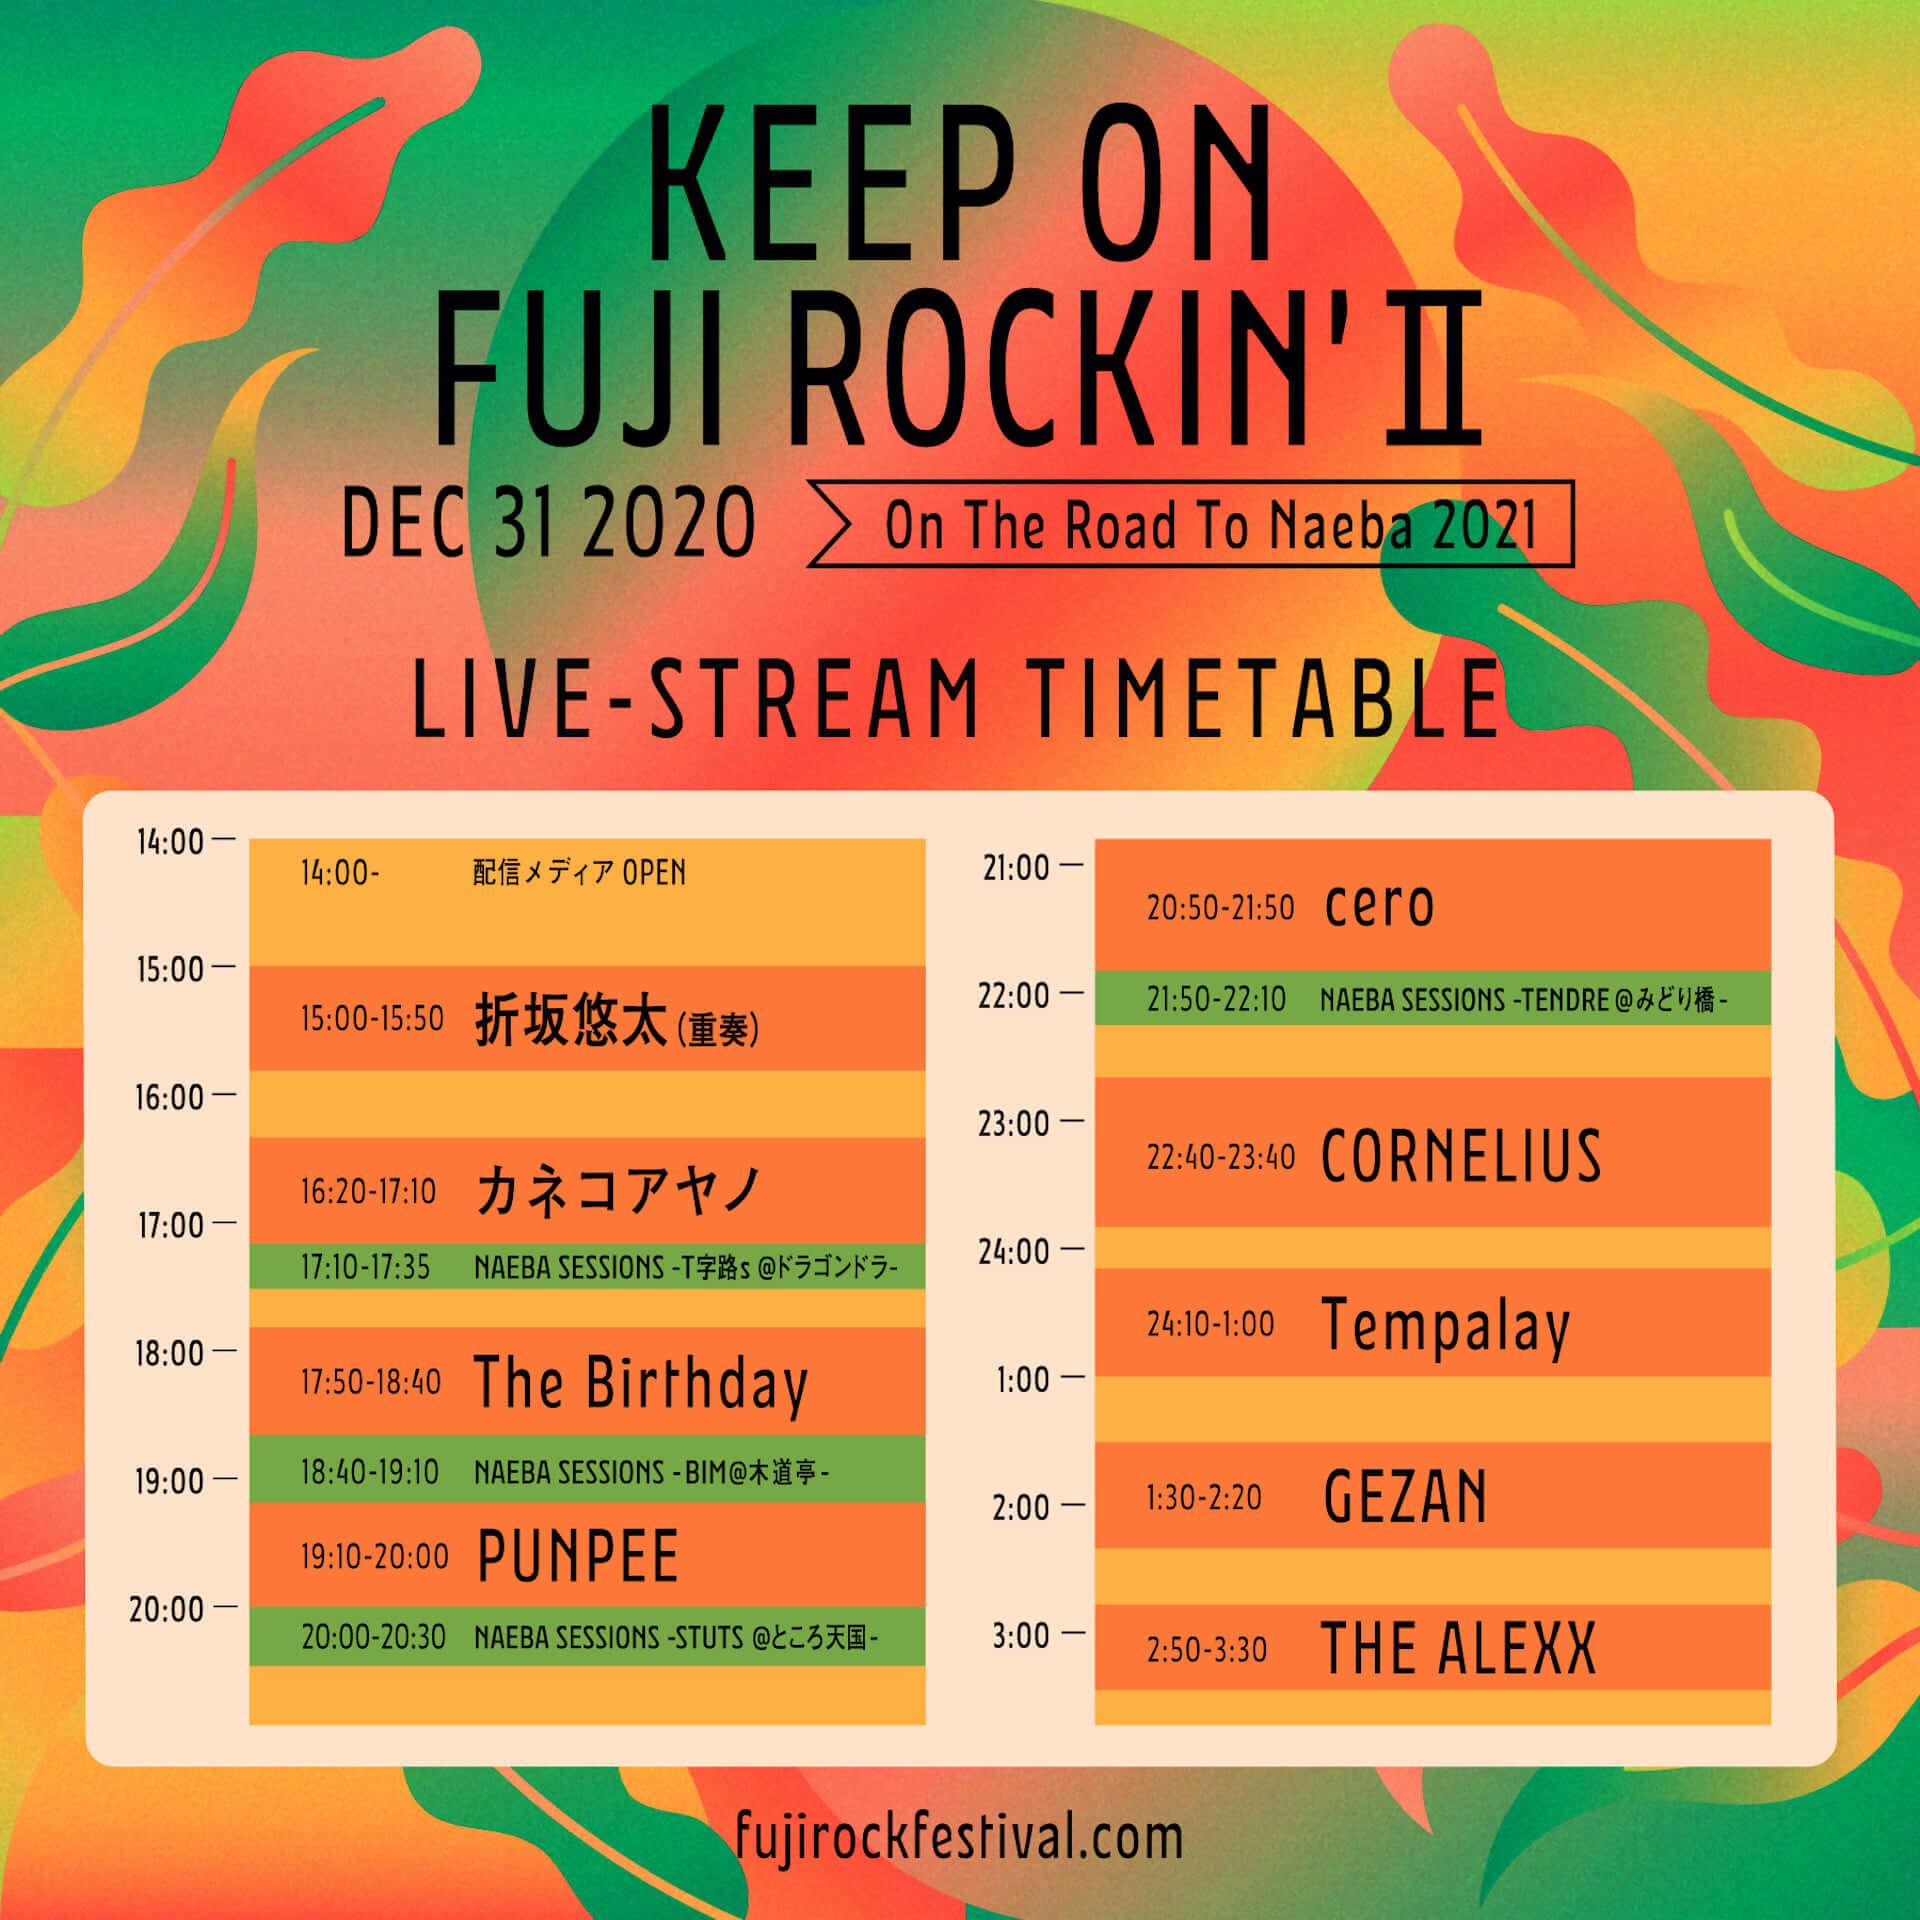 <KEEP ON FUJI ROCKIN' II>にBIM、STUTS、TENDRE、T字路sによるライブ動画が追加!最新タイムテーブルが公開 music201228_keeponfujirockin_2-1920x1920